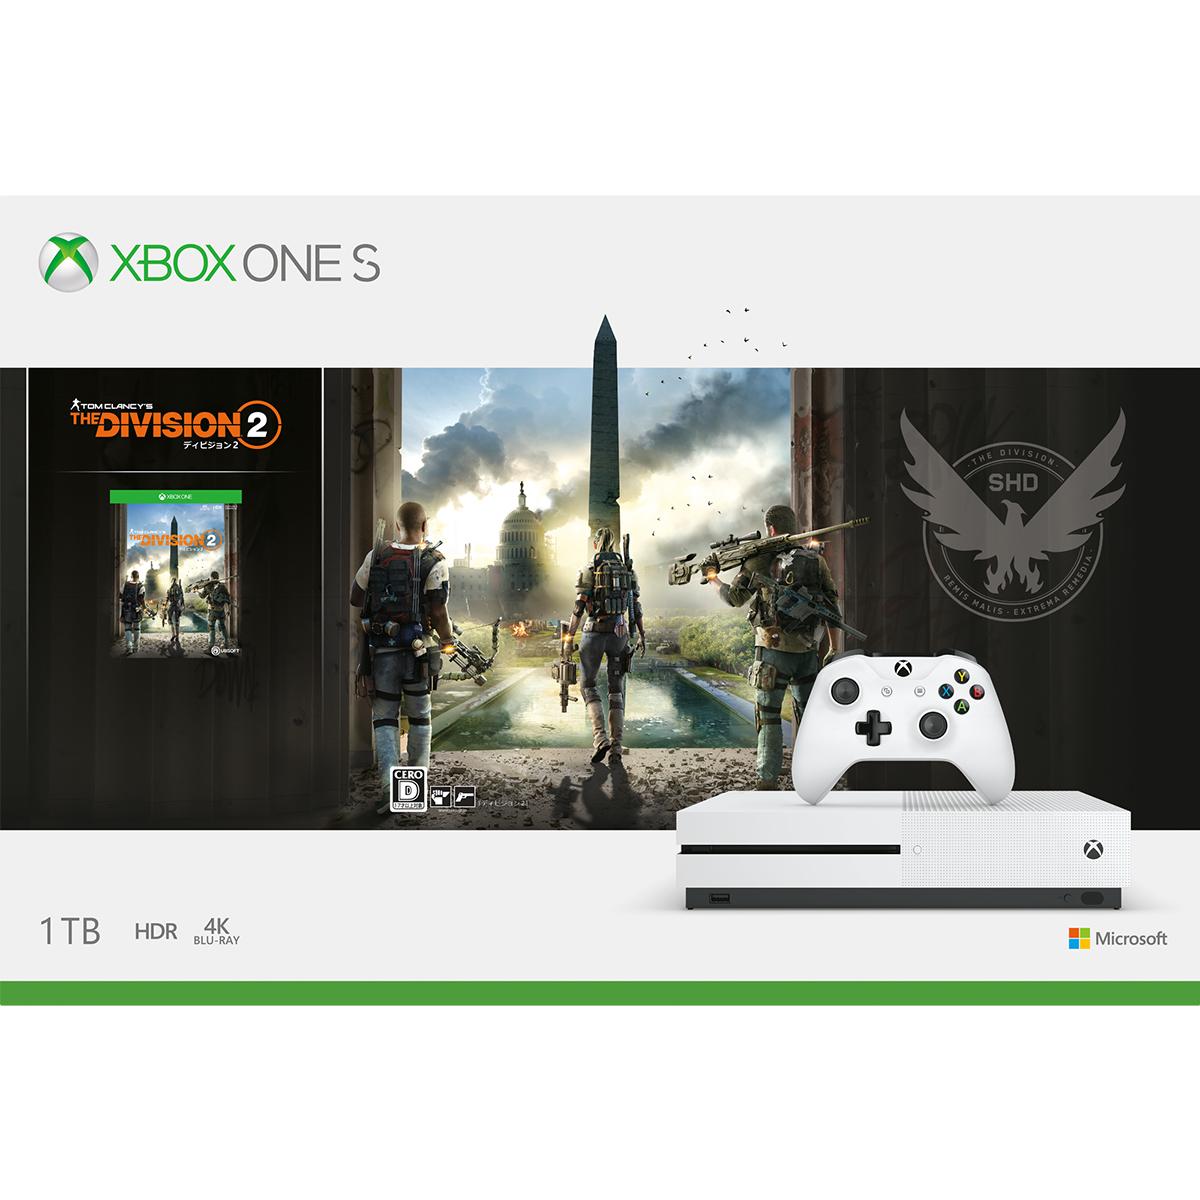 Xbox One S 1 TB (ディビジョン2 同梱版)【楽天ブックス】